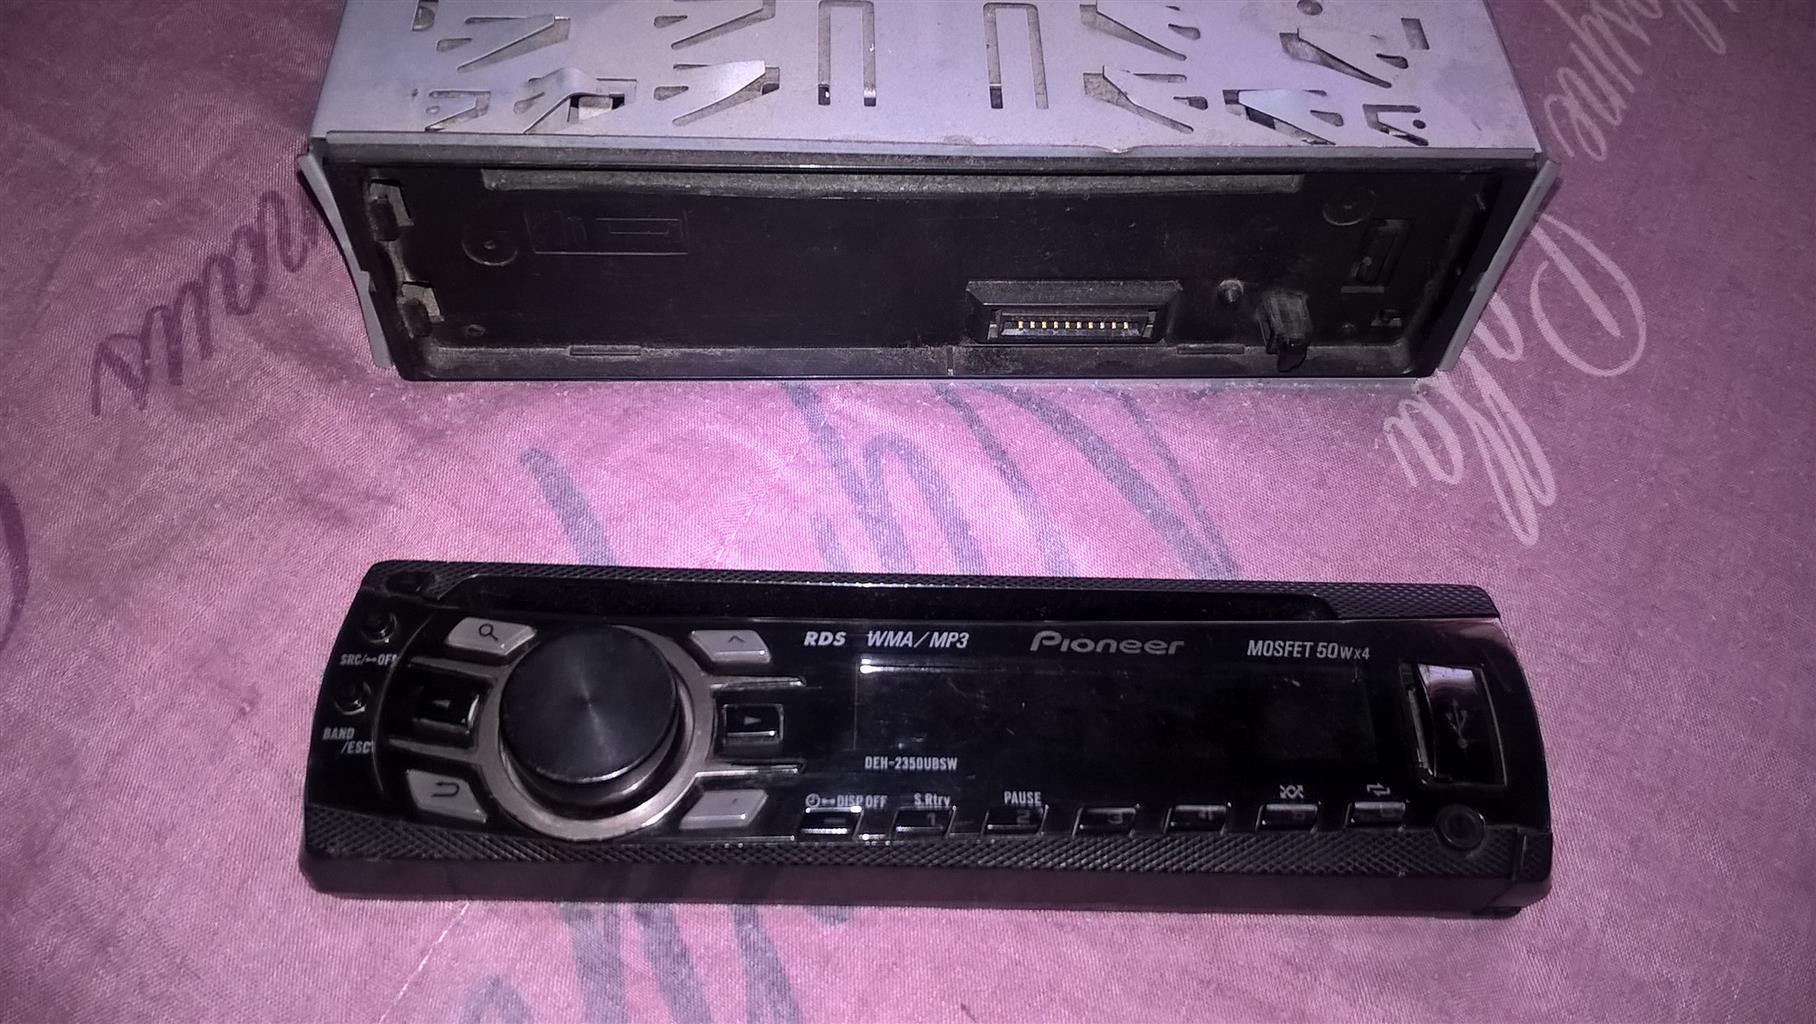 Pioneer 50x4 usb tape